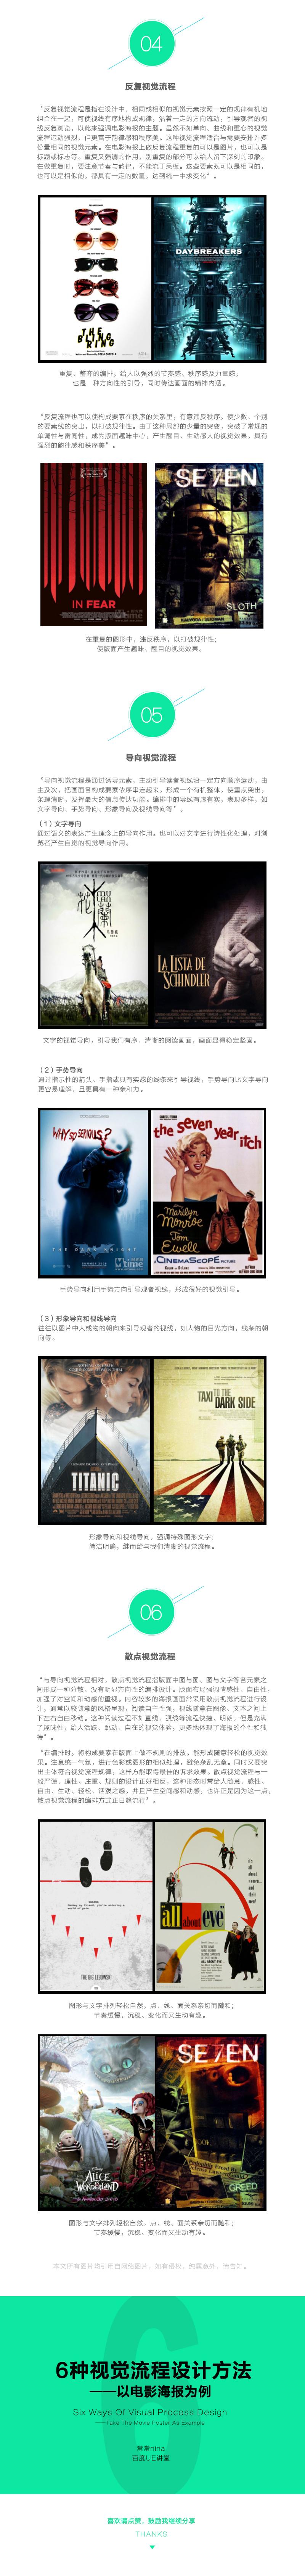 6种视觉流程设计方法——以电影海报为例图片